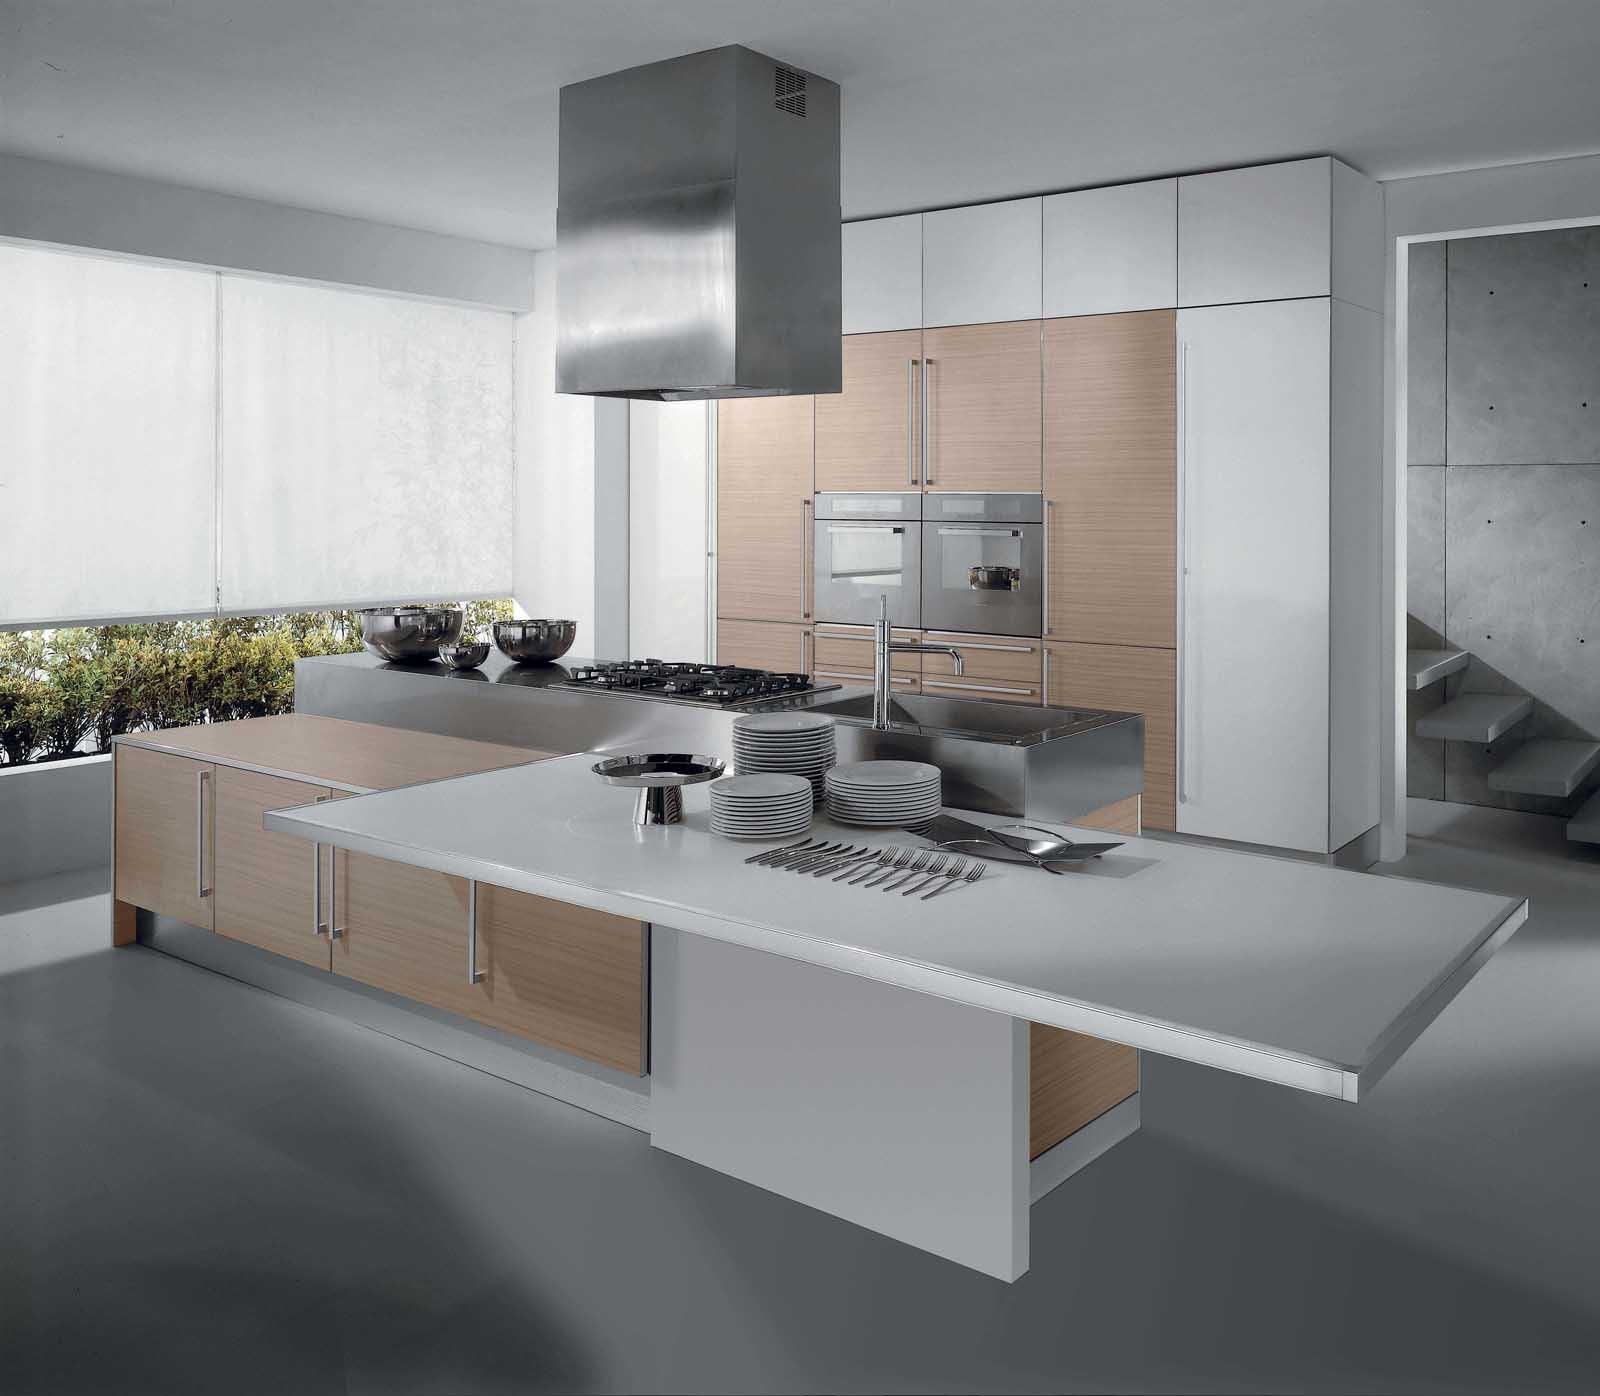 cucina aran cucina aran. mobili da cucina aran cucina aran ...